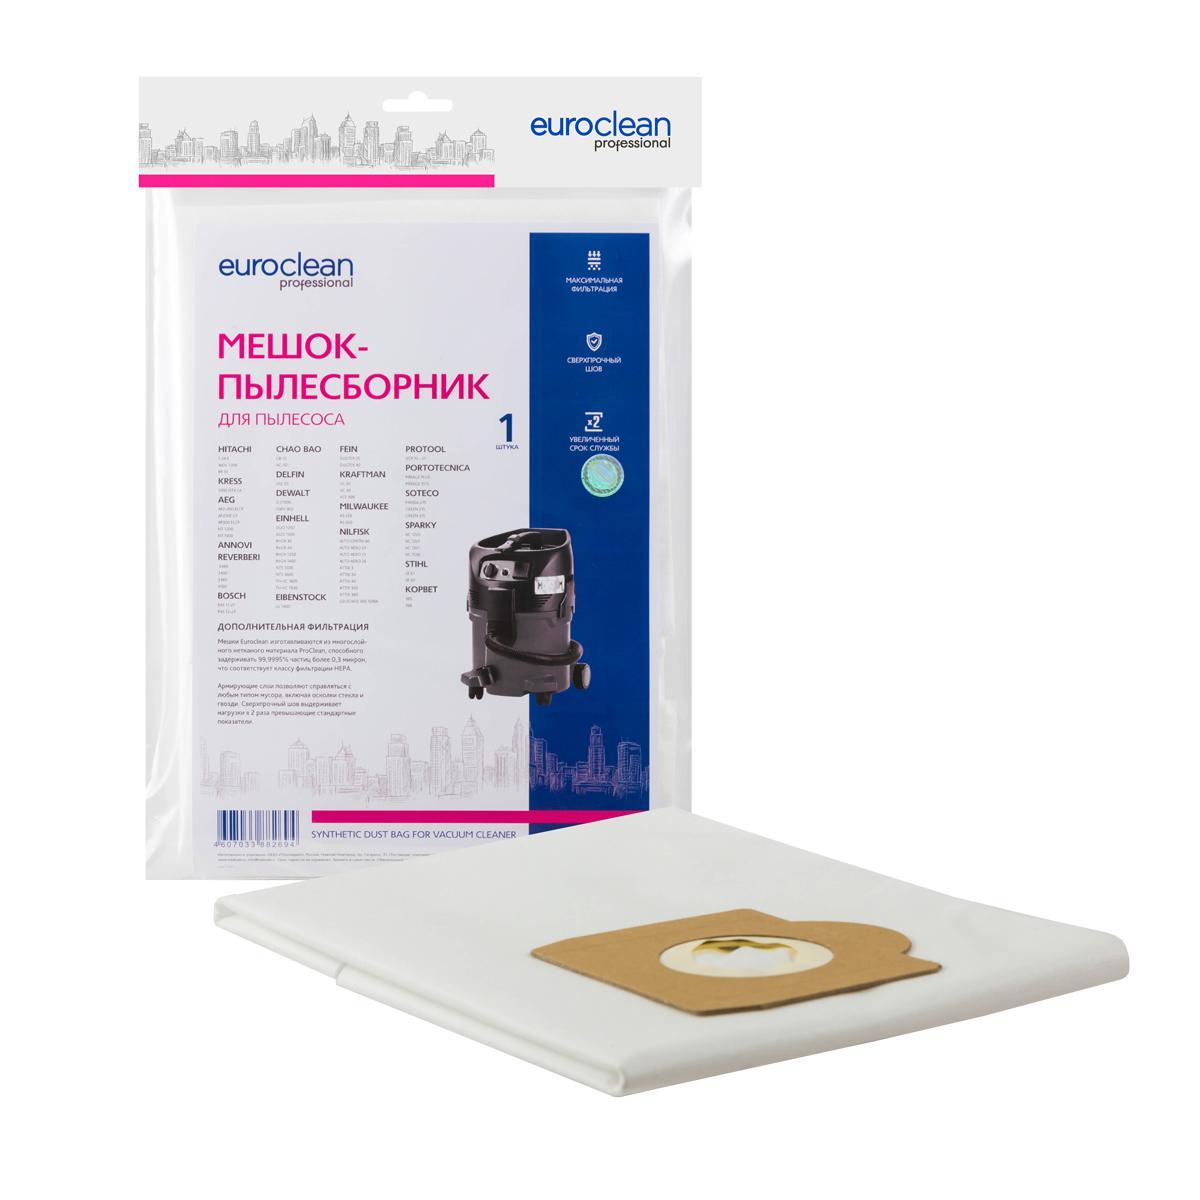 Мешок Euro clean Eur-3041/1 мешок euro clean eur 312 1